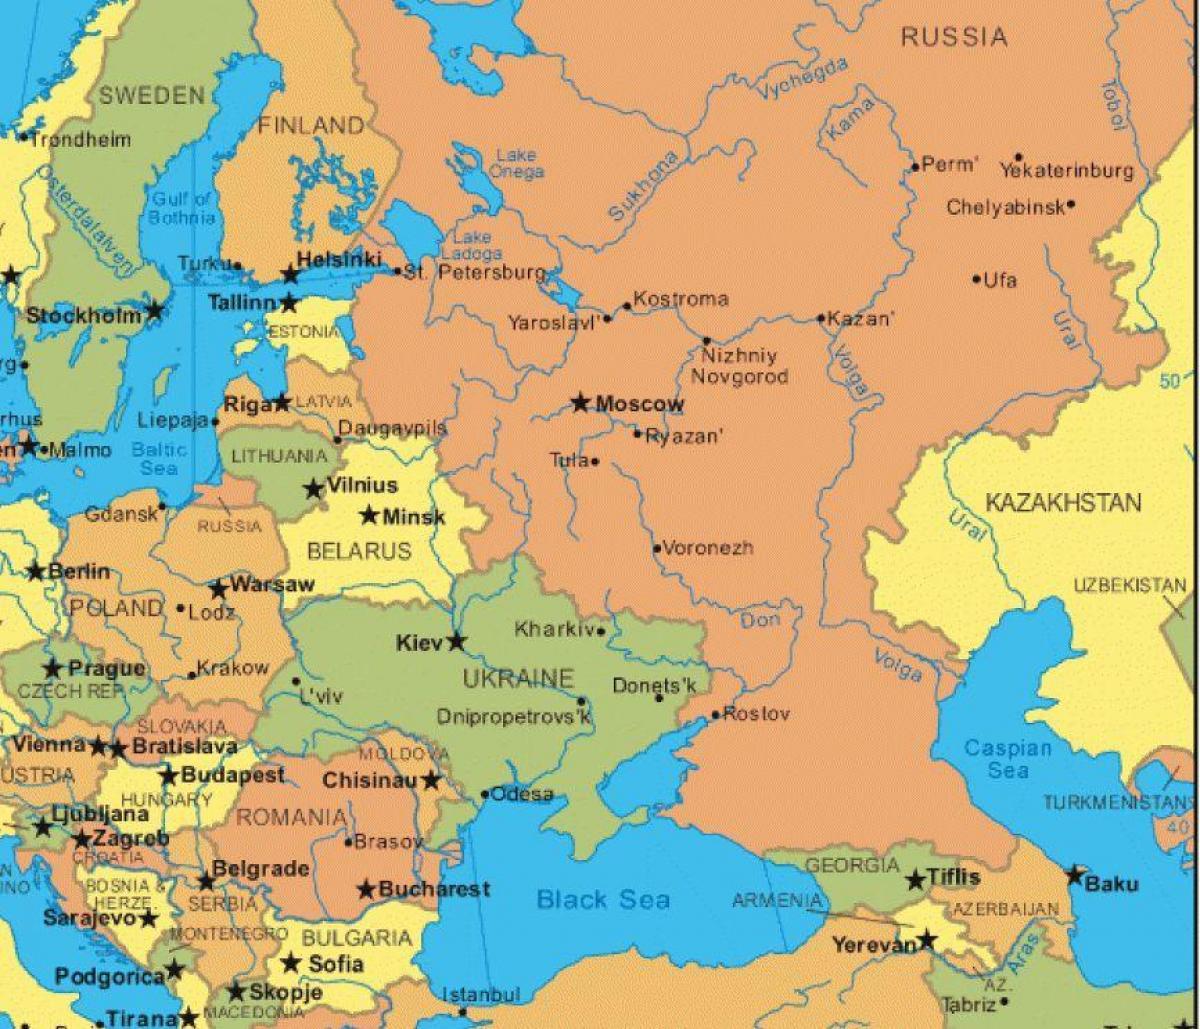 Terkep Oroszorszag Kelet Europa Kelet Europa Terkep